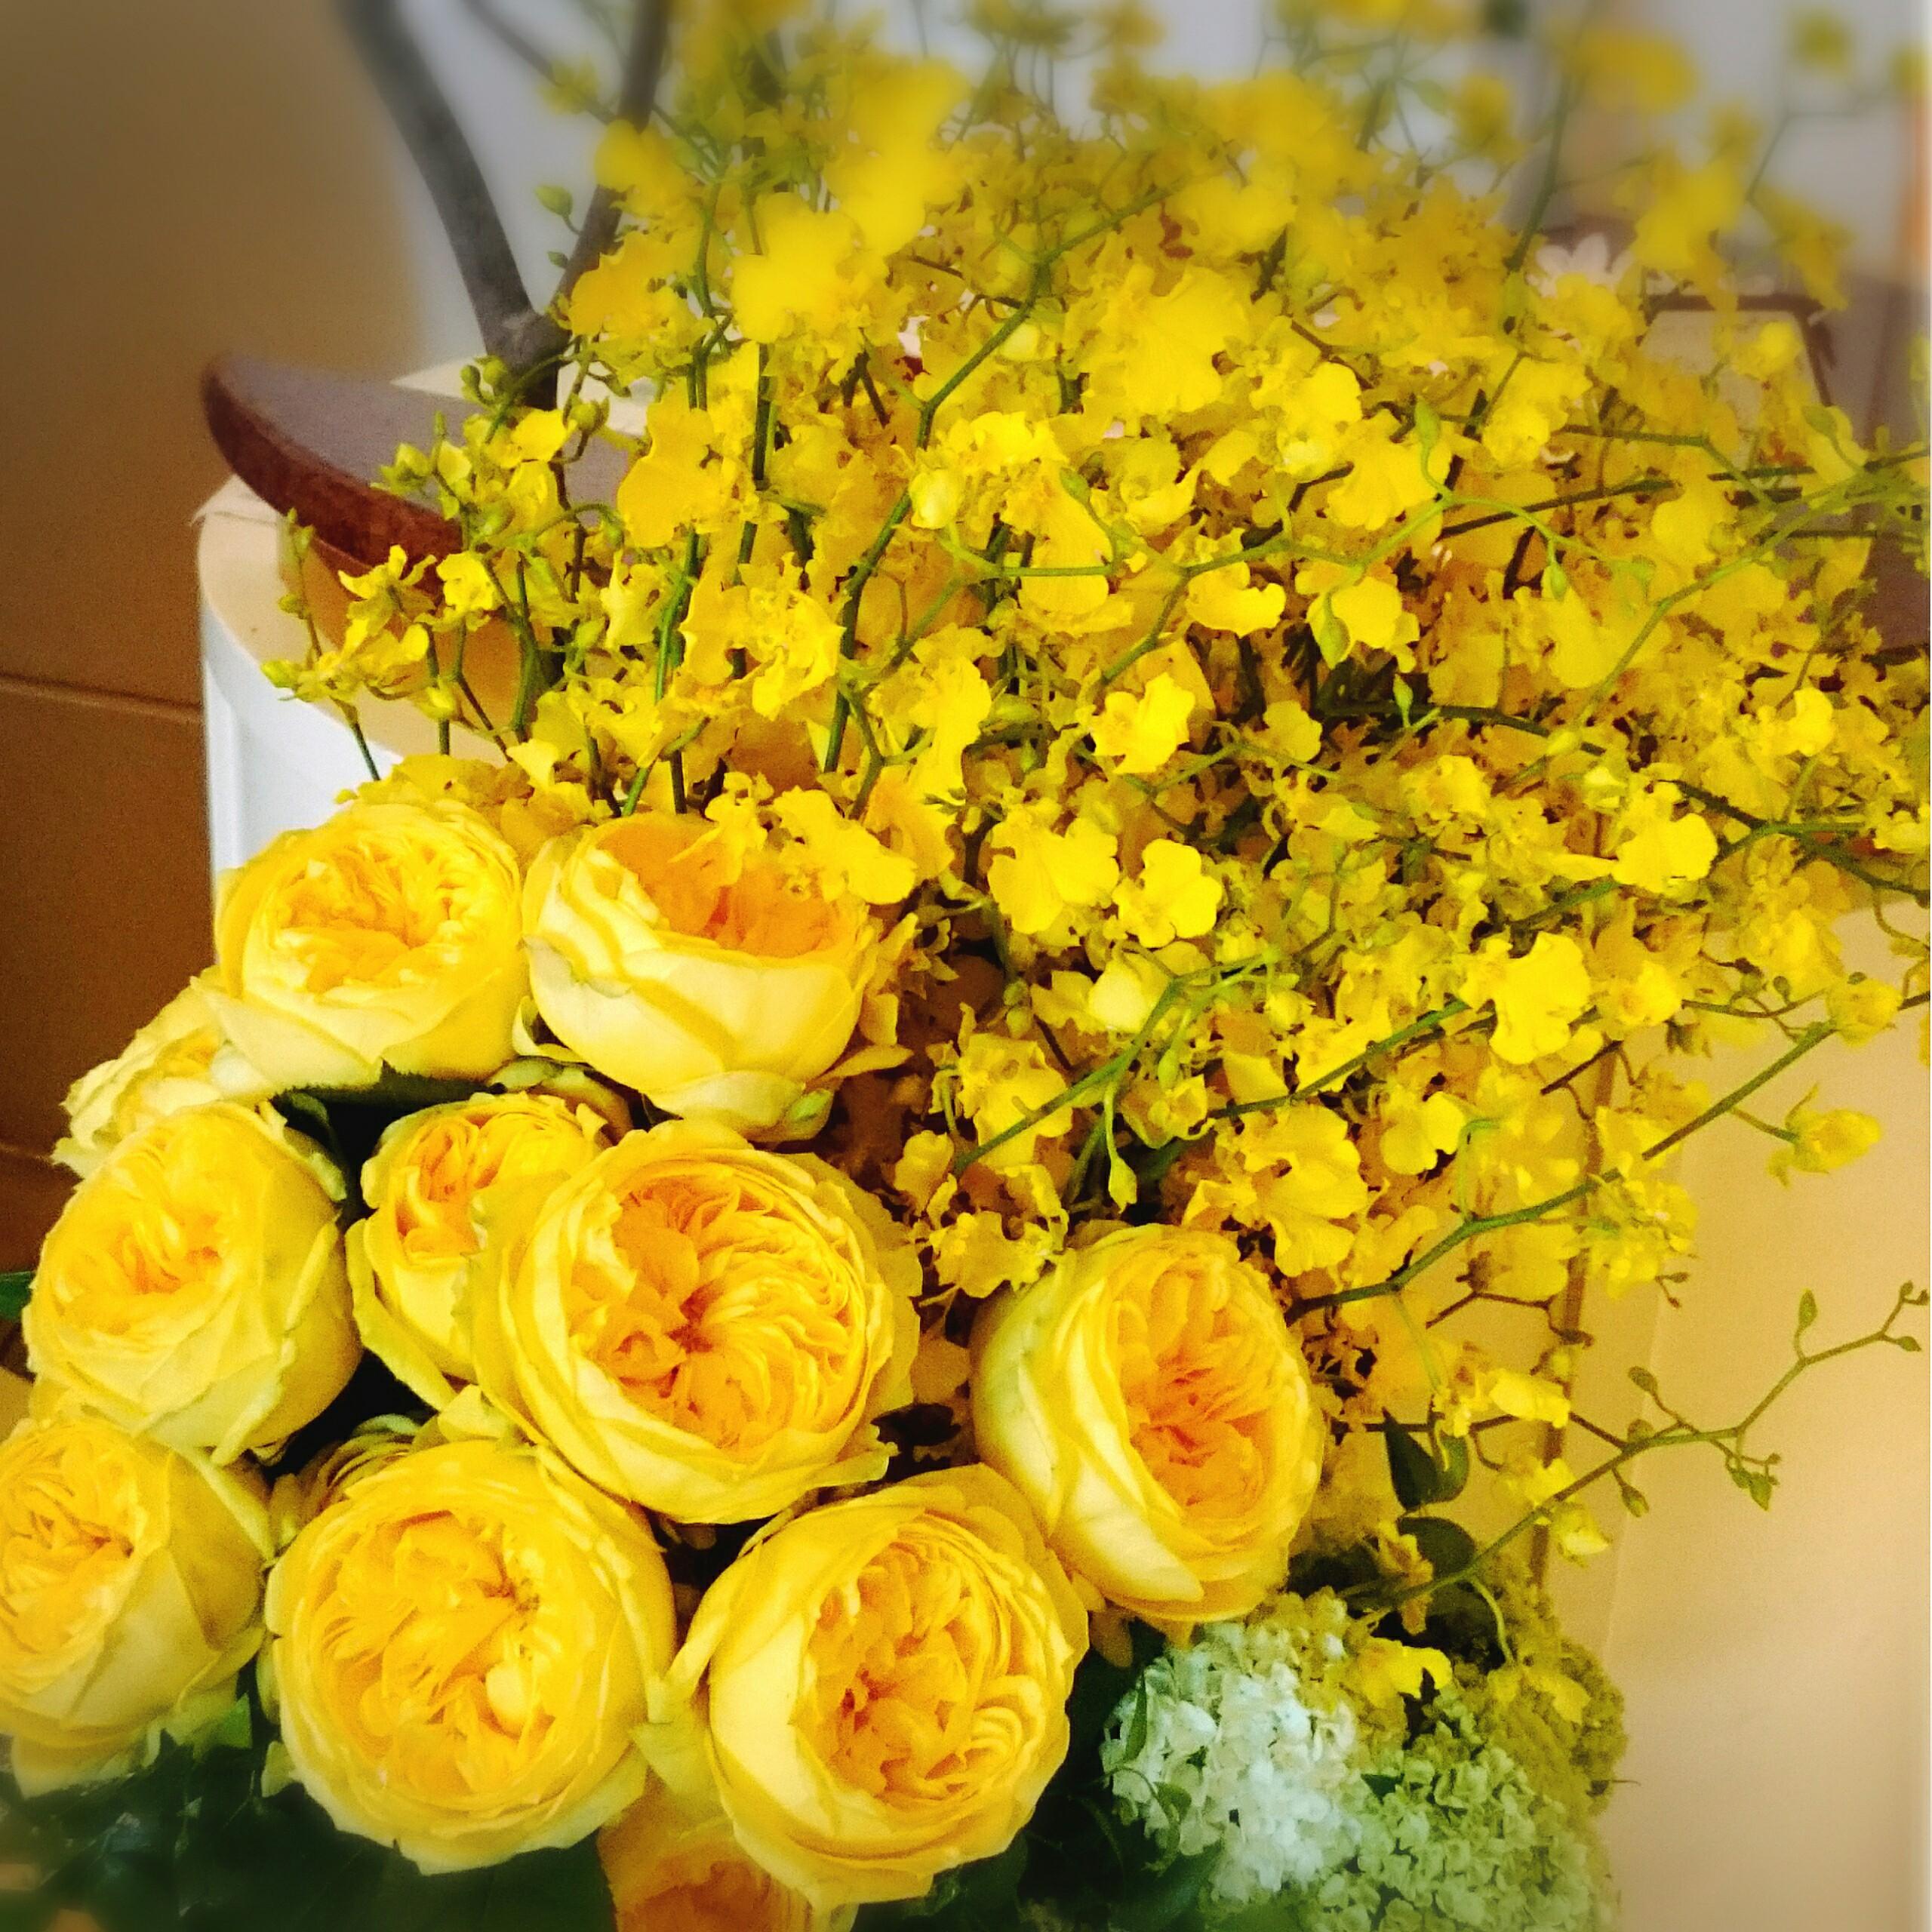 صوره صور ورود روعه , التقاط سحر الورود الطبيعية فى صور خاصة رائعة